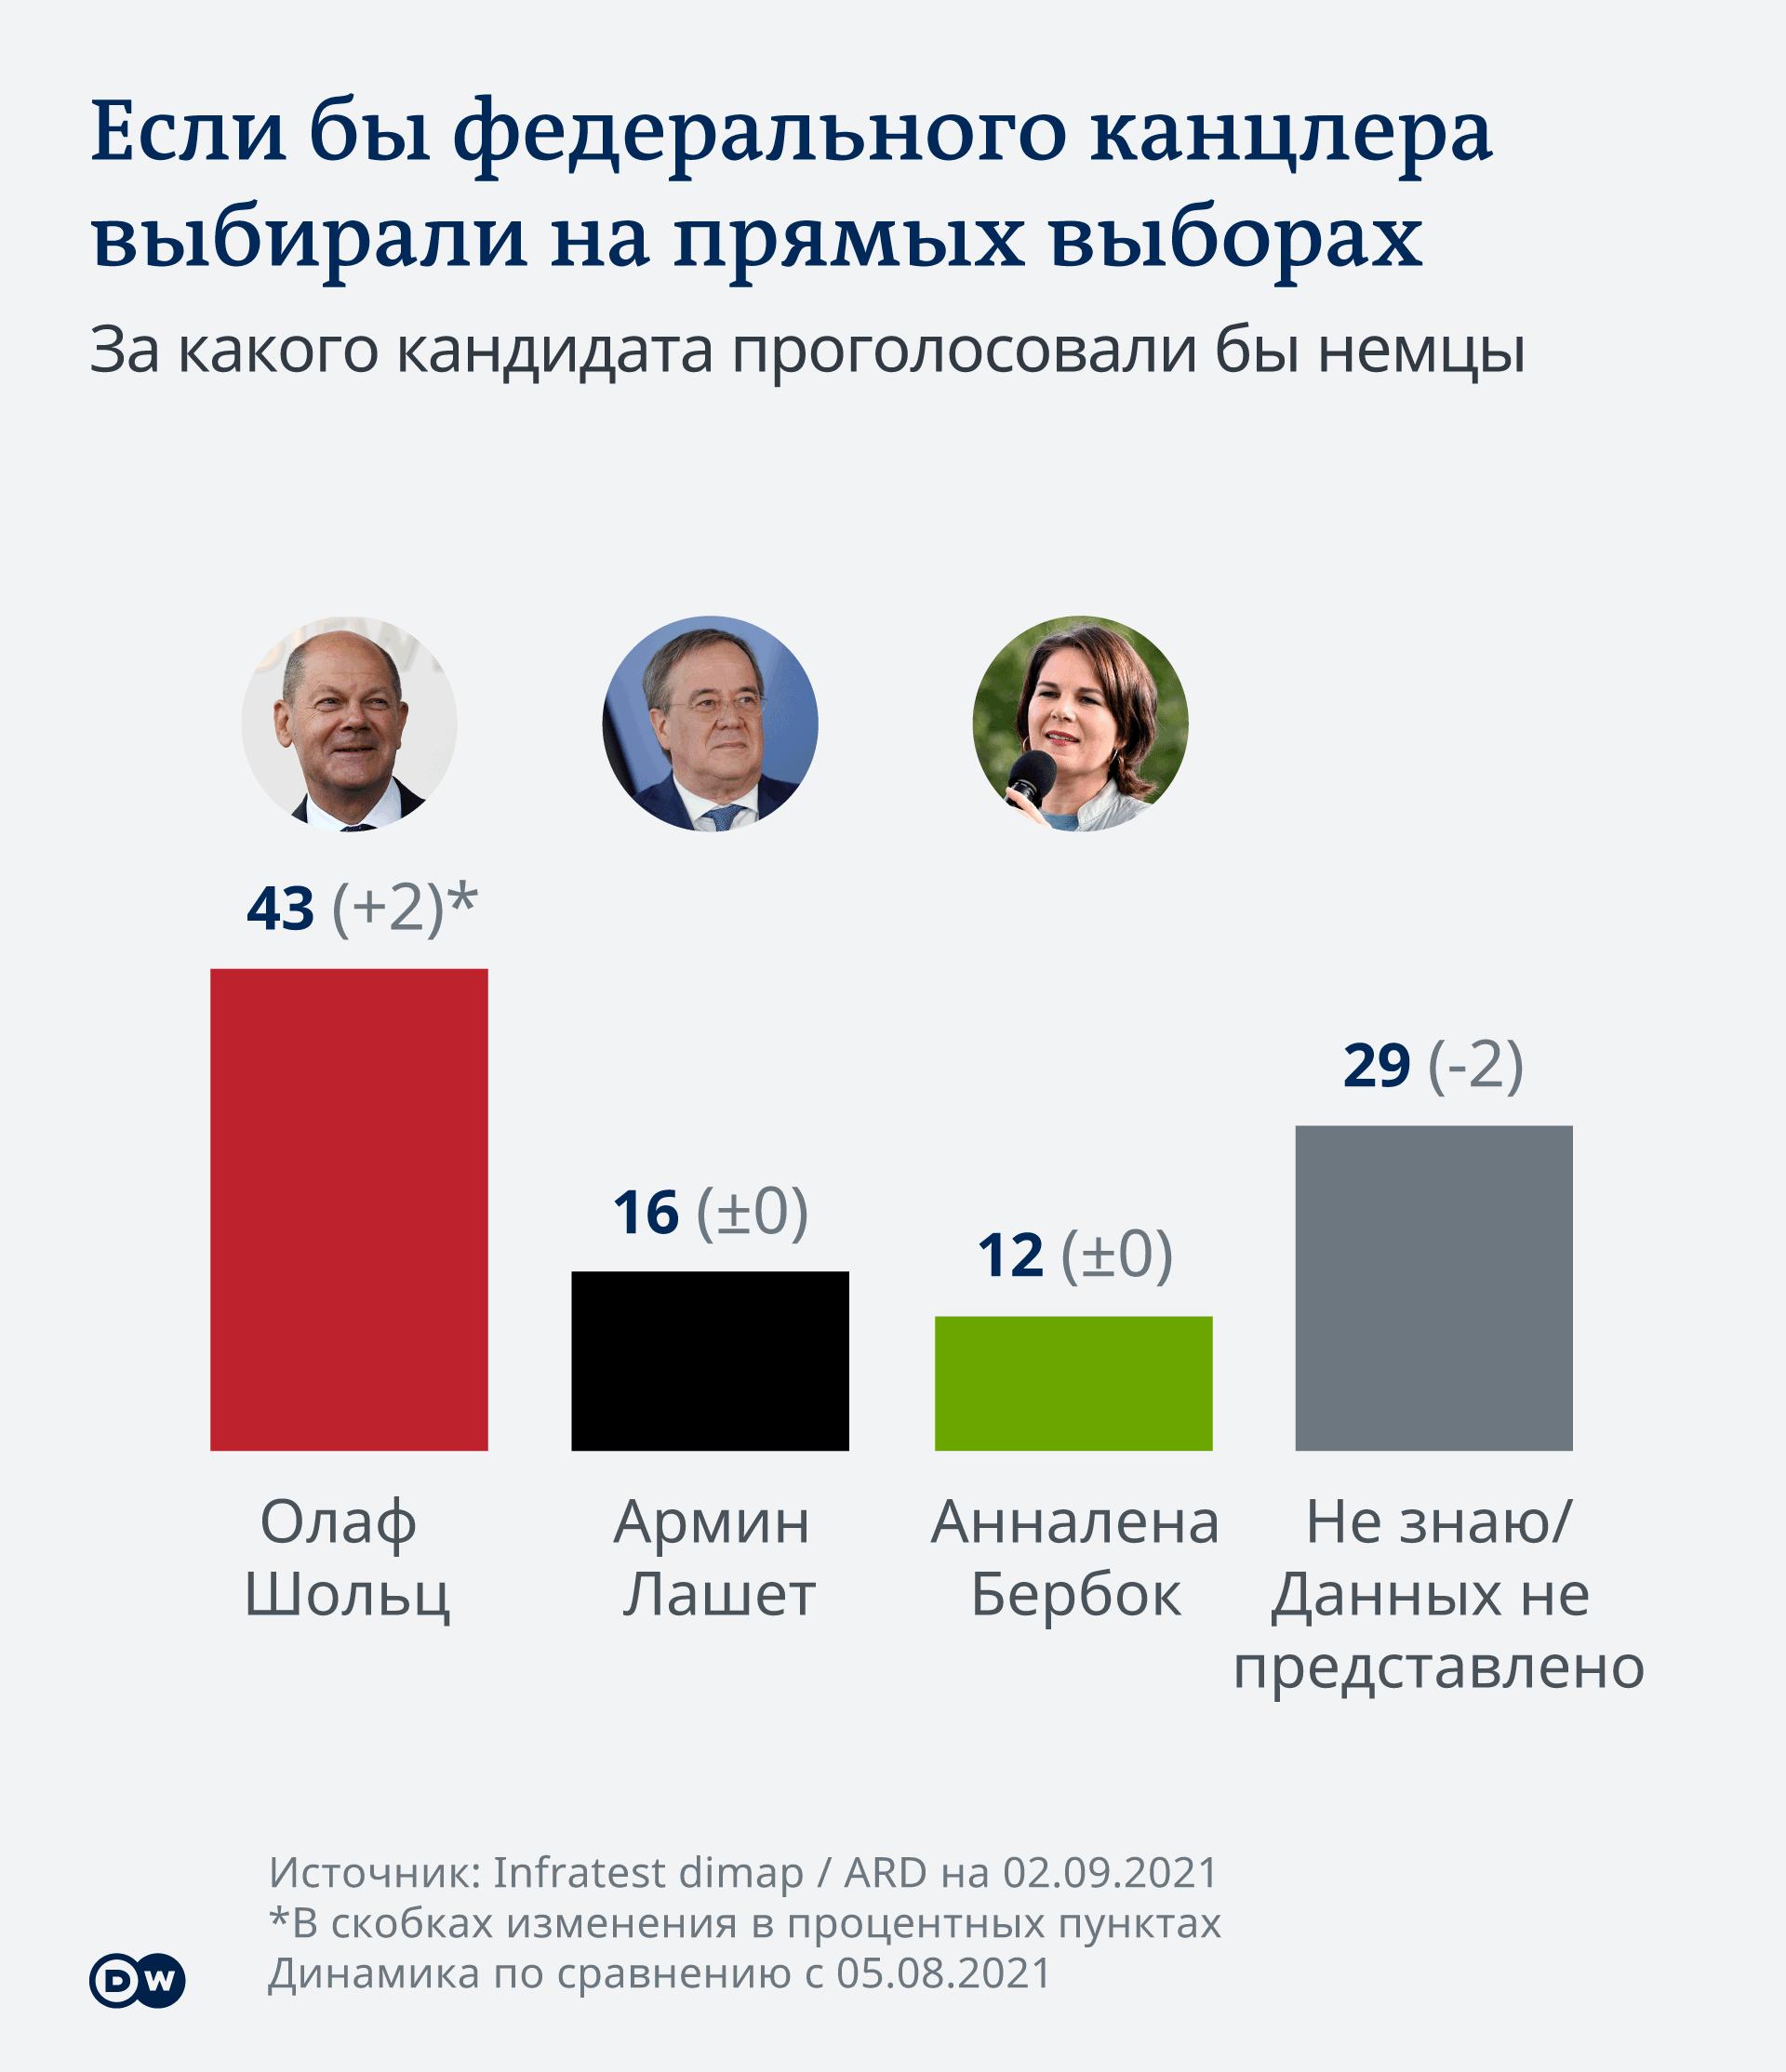 Инфографика За какого кандидата проголосовали бы немцы на прямых выборах канцлера, если бы это было возможно